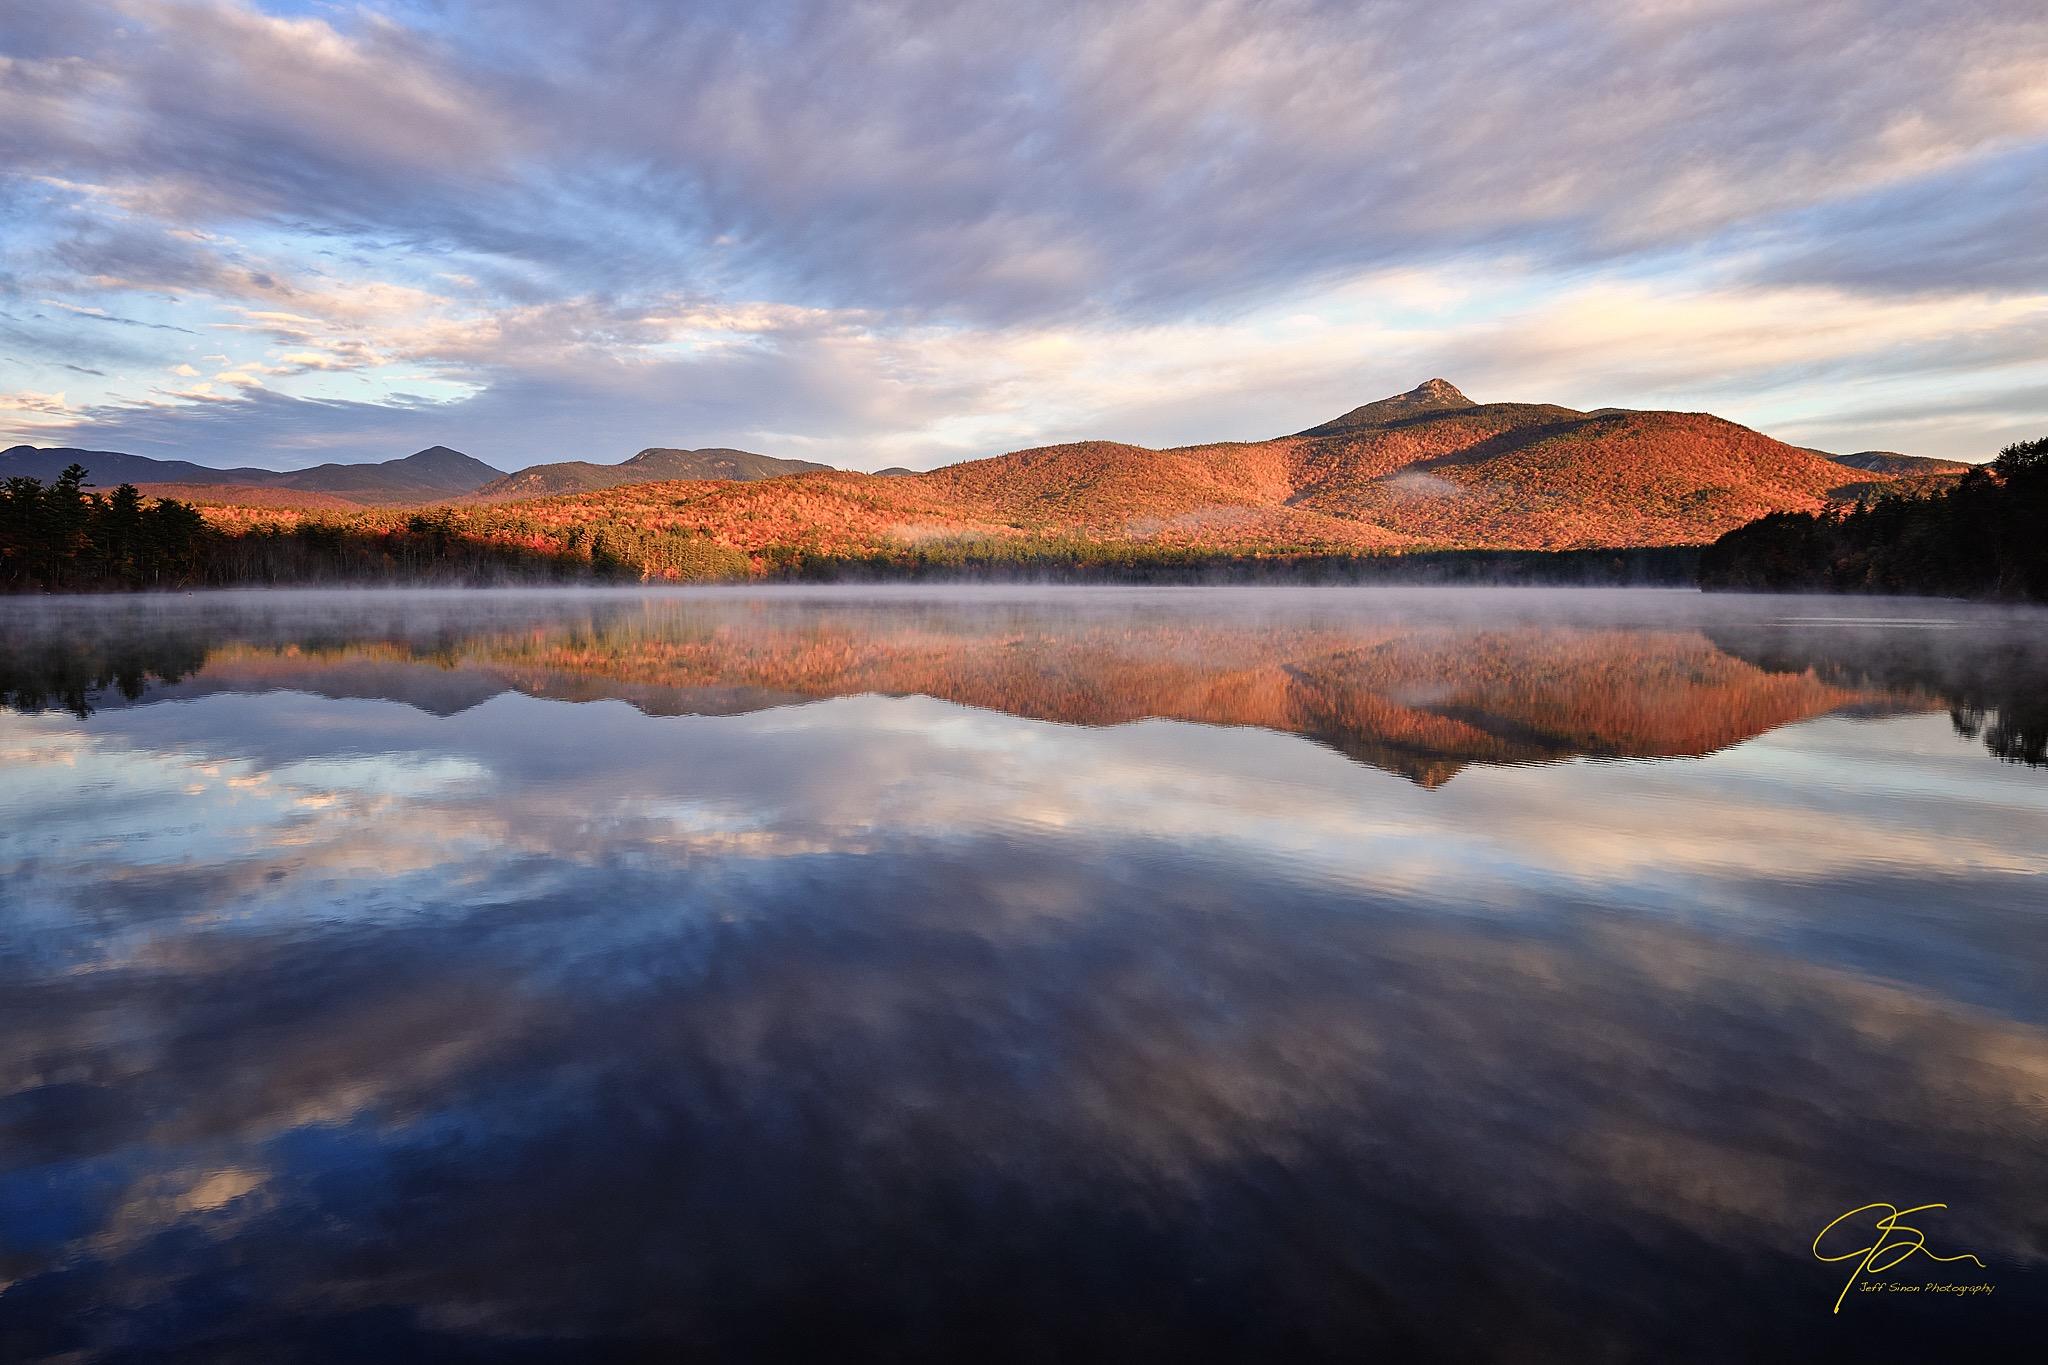 mount chocorua autumn reflections on chocorua lake